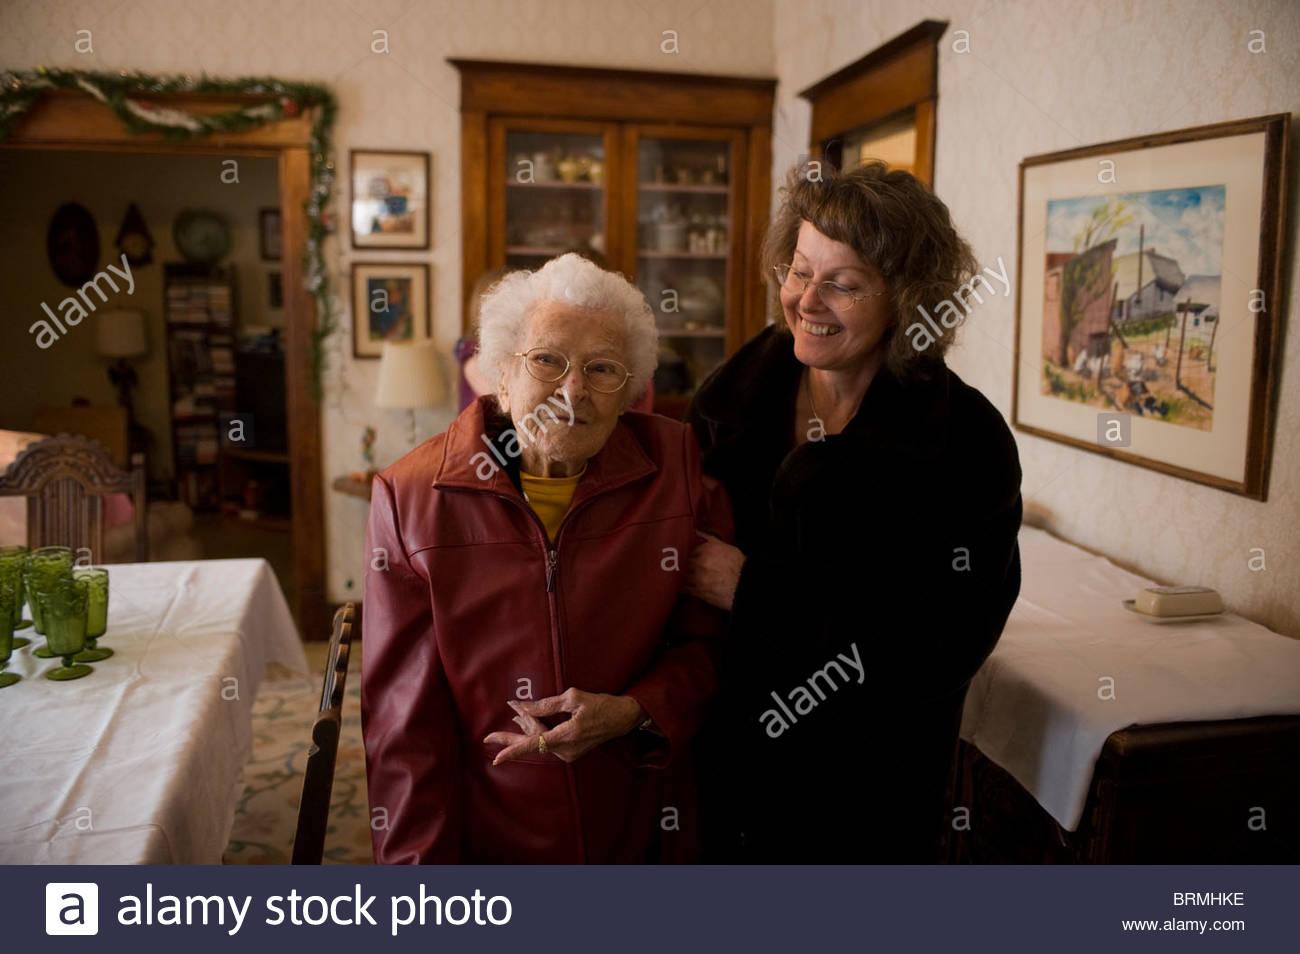 Une femme et sa grand-mère arriver à une réunion de famille à Noël. Banque D'Images